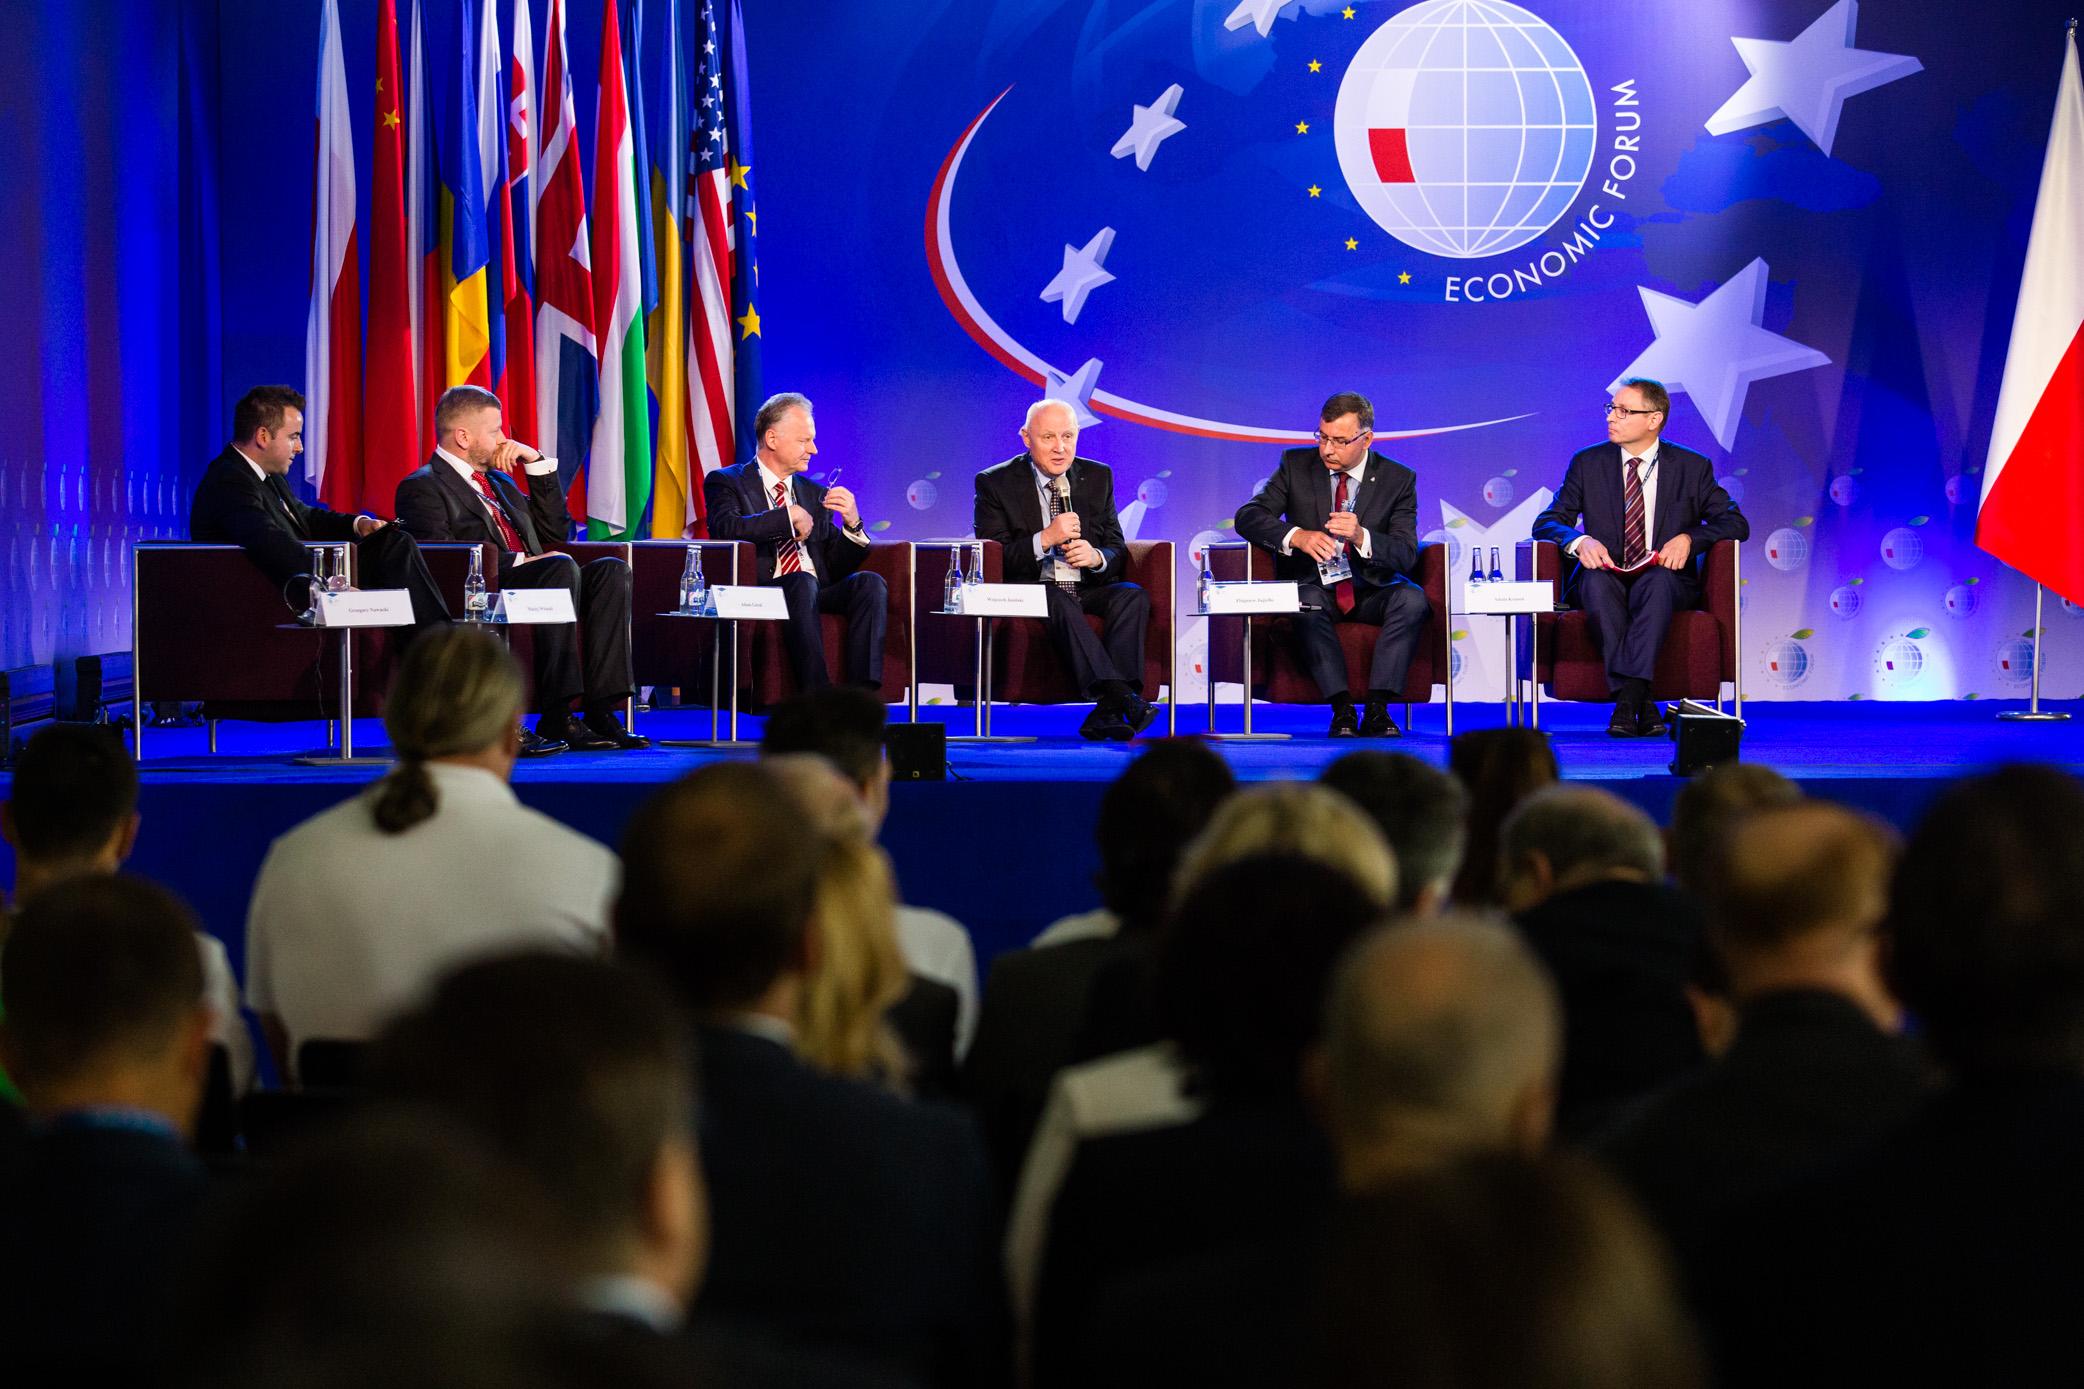 Forum Ekonomiczne 2016 - Polskie globalne czempiony